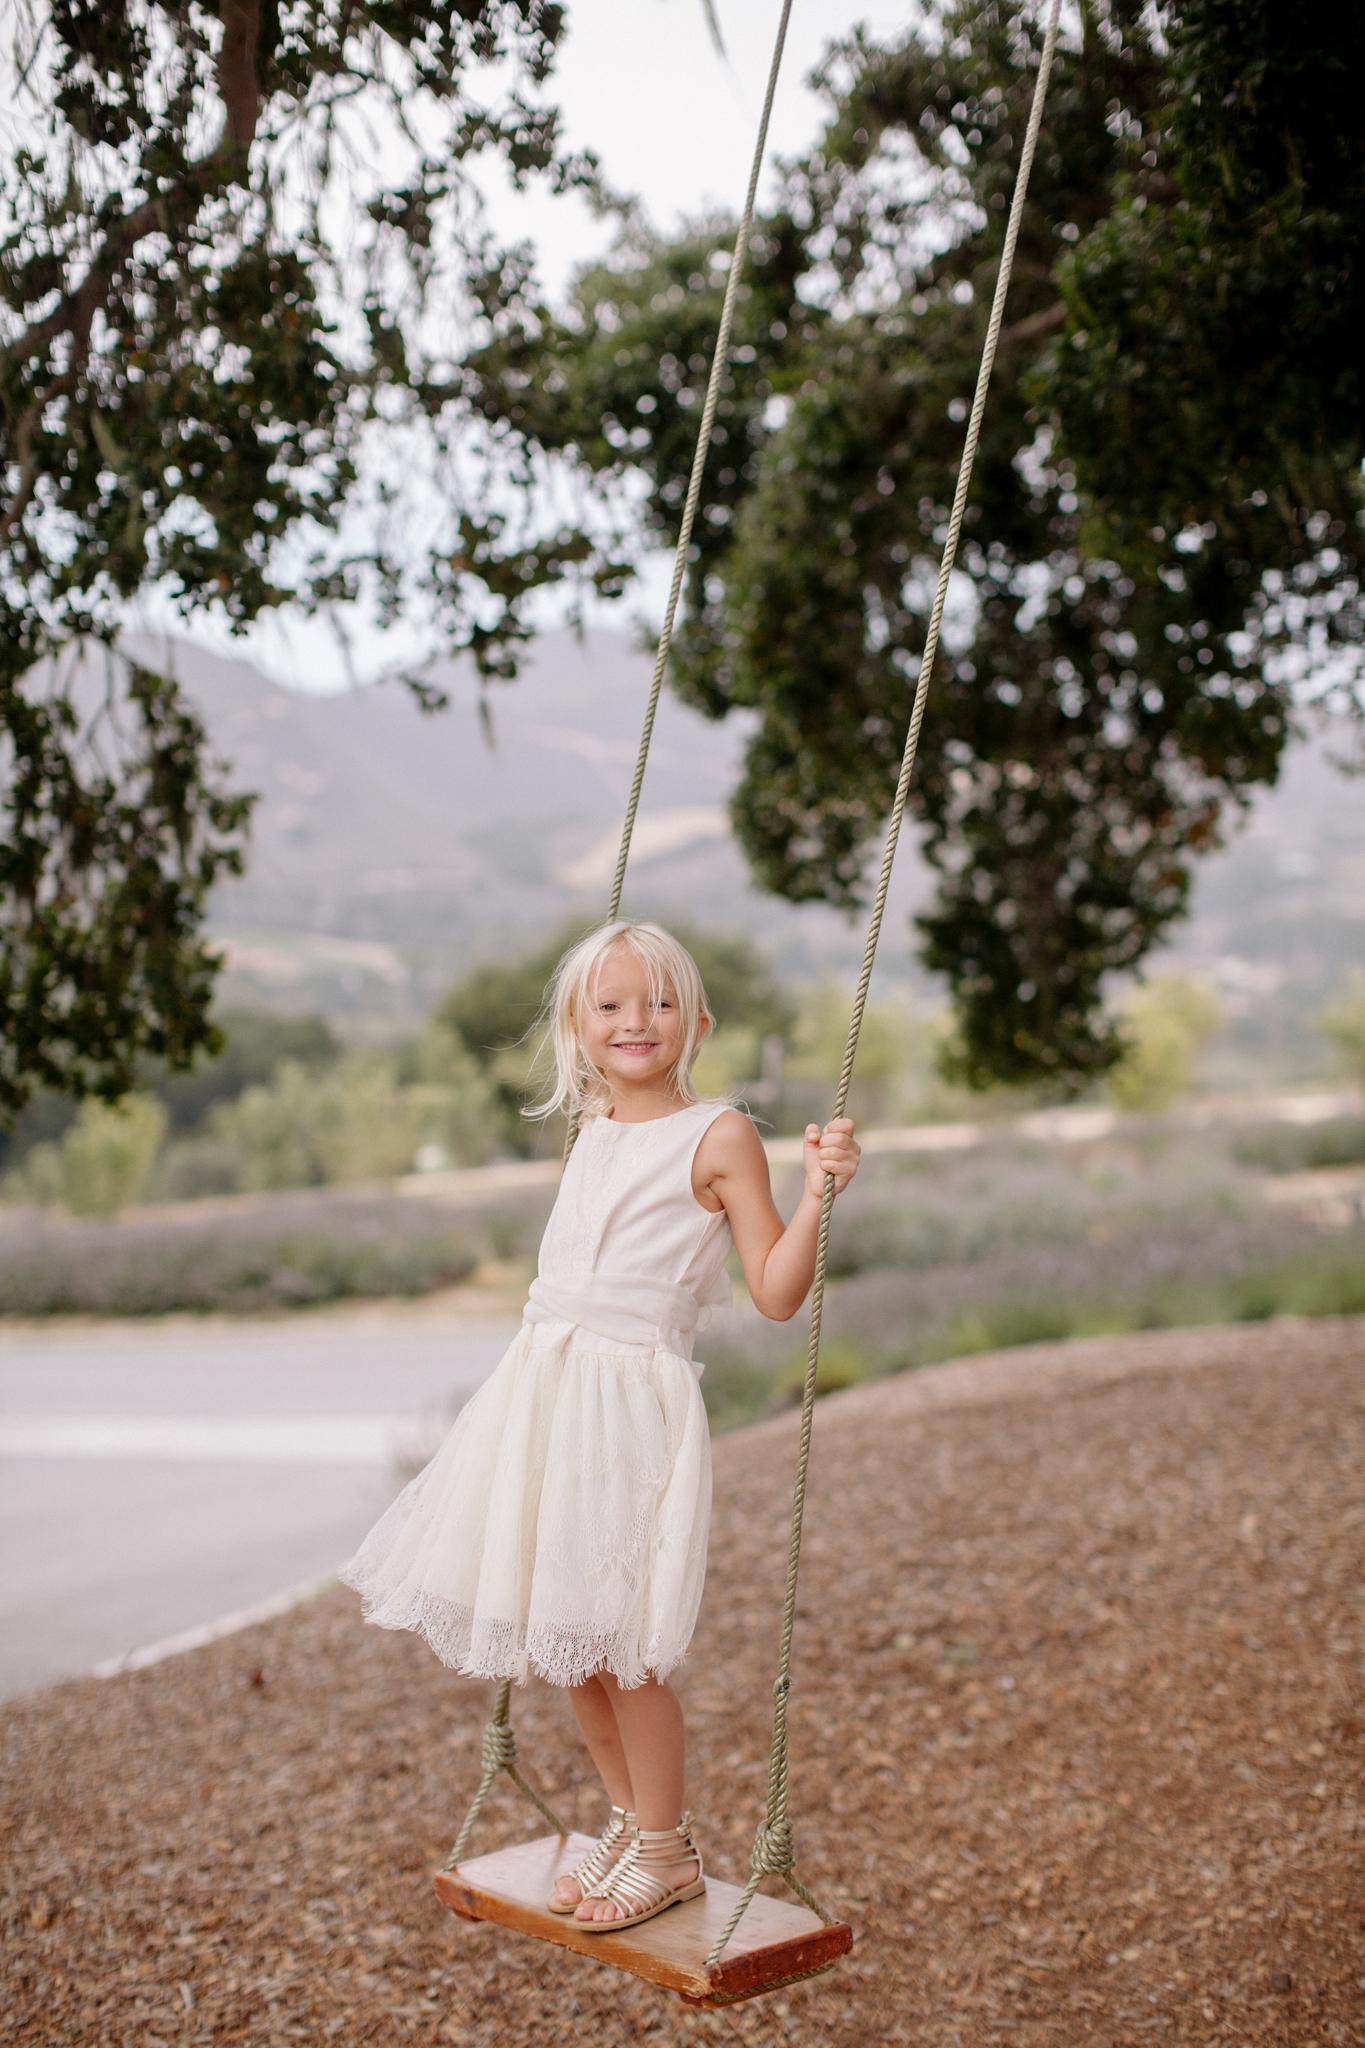 39-girl-on-swing.jpg